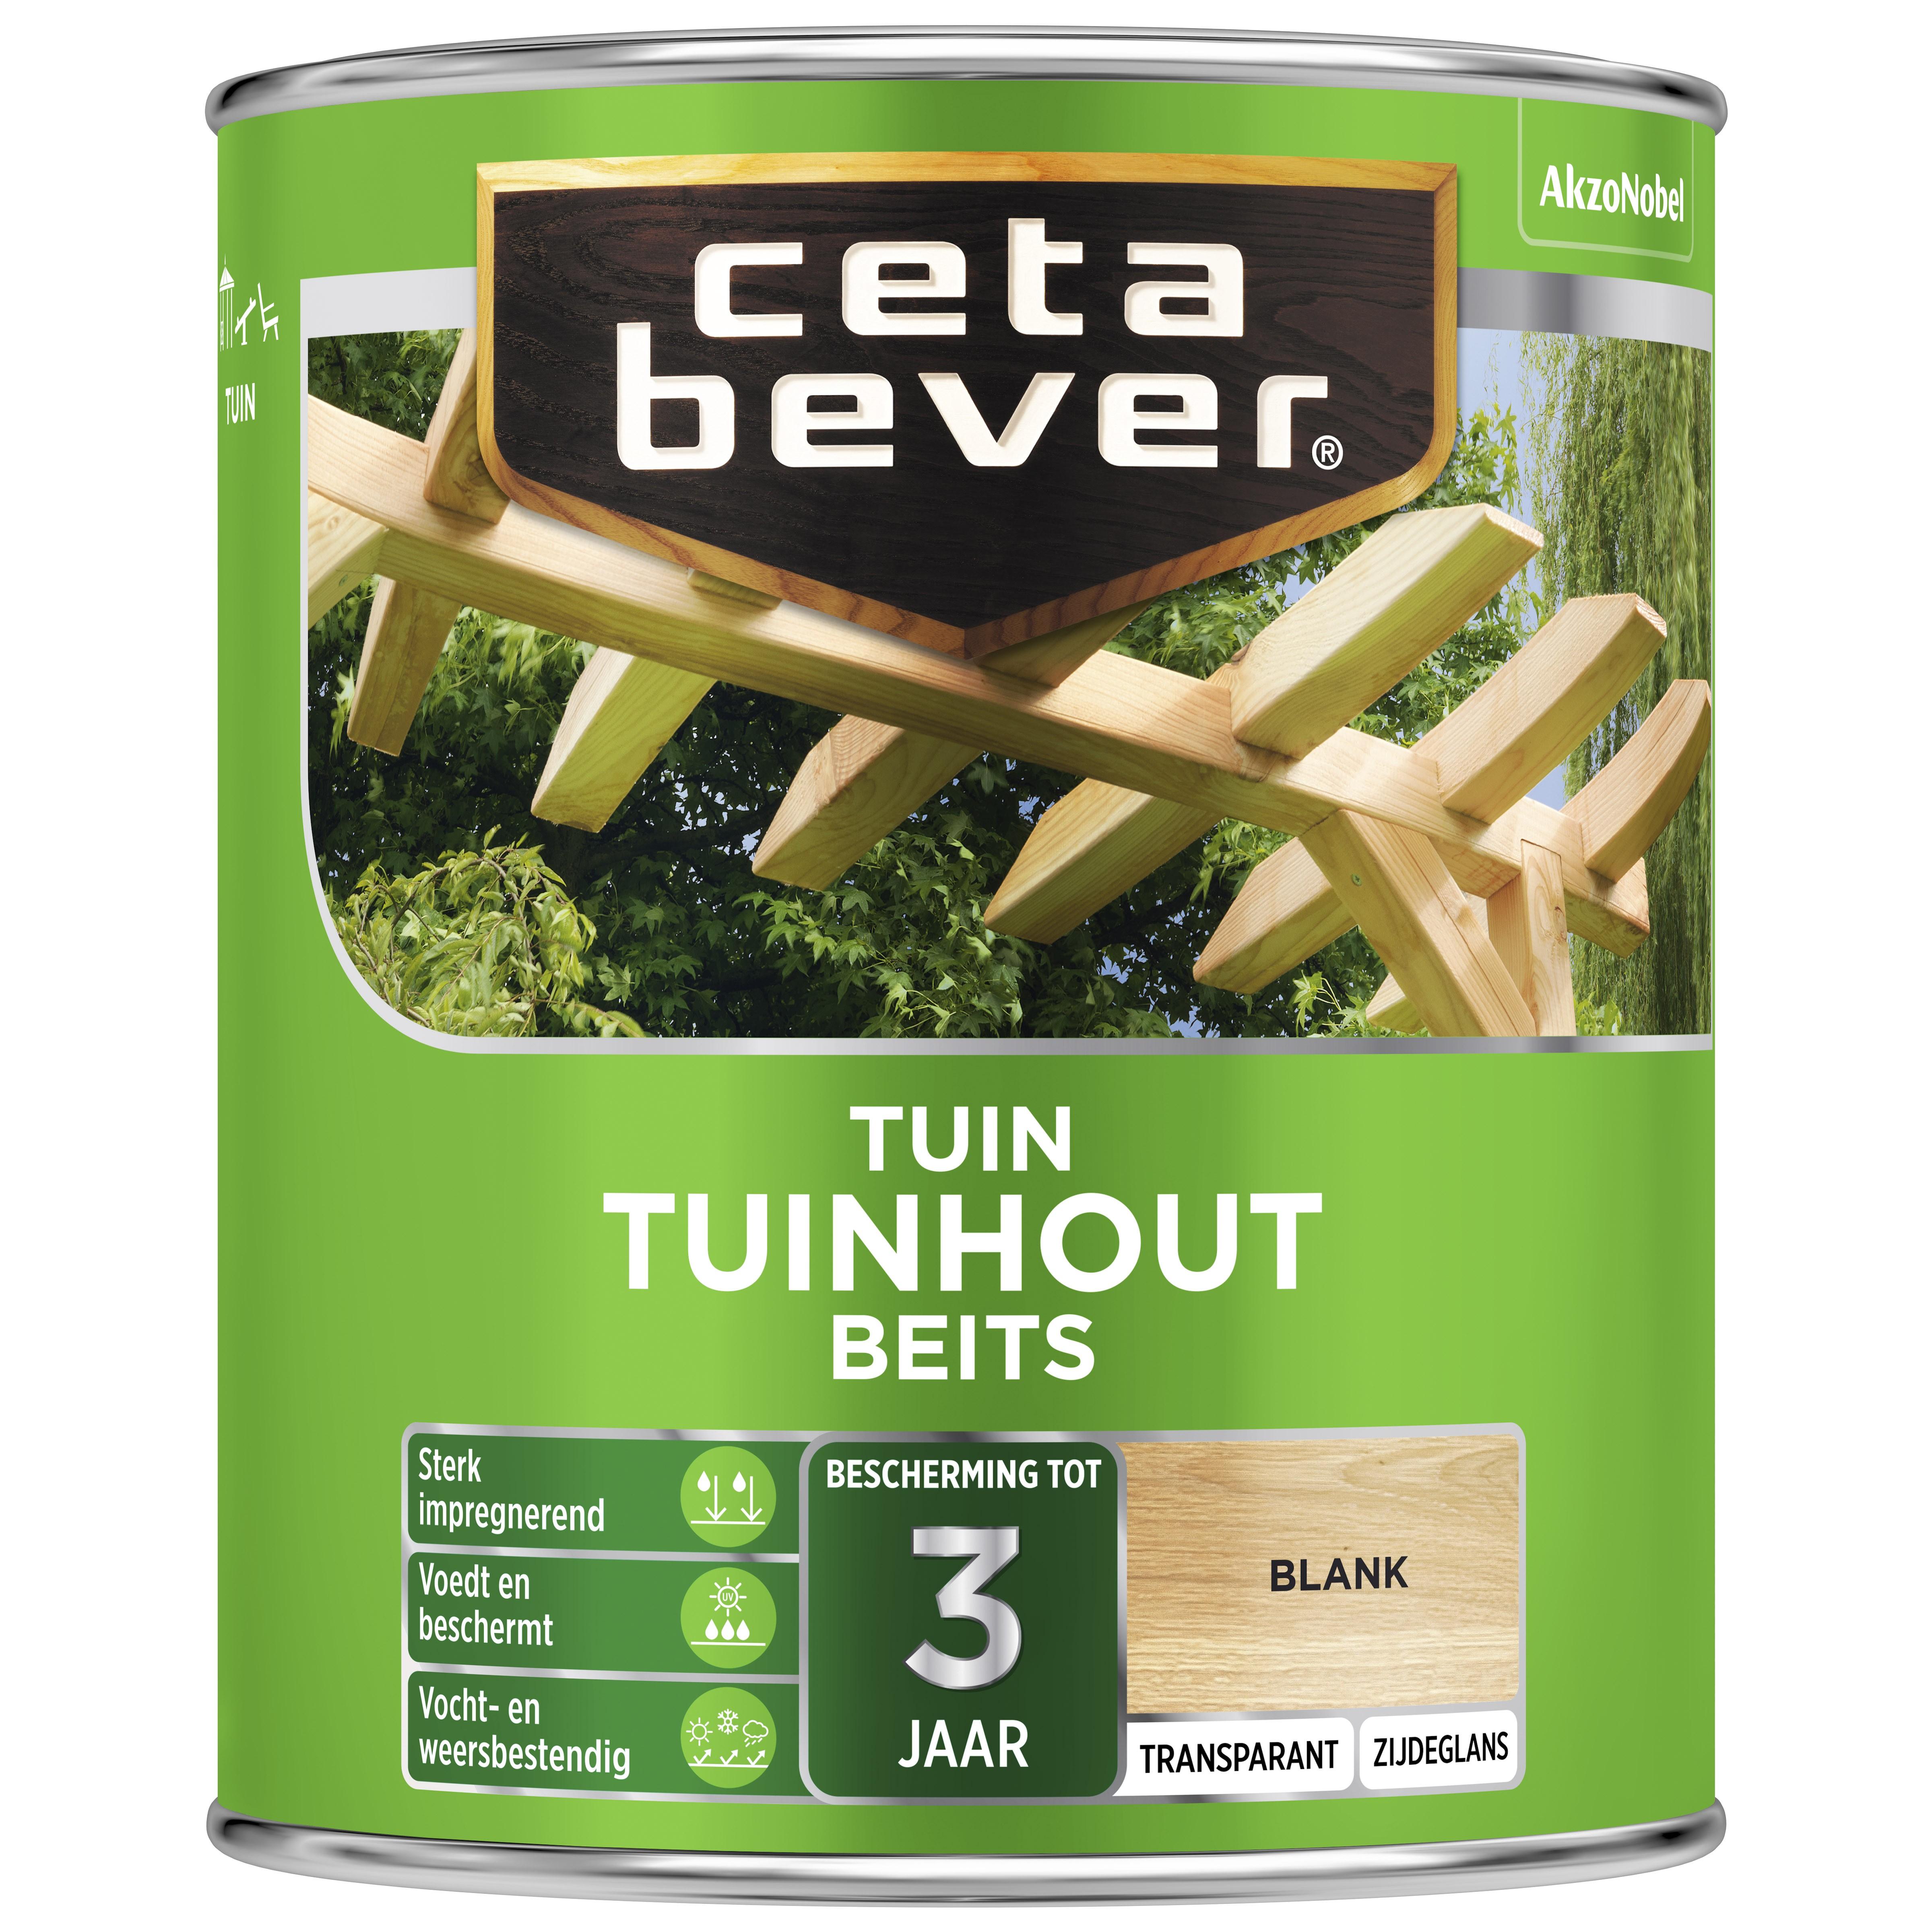 Afbeelding van CetaBever Tuinbeits Transparant 0 75 liter blank